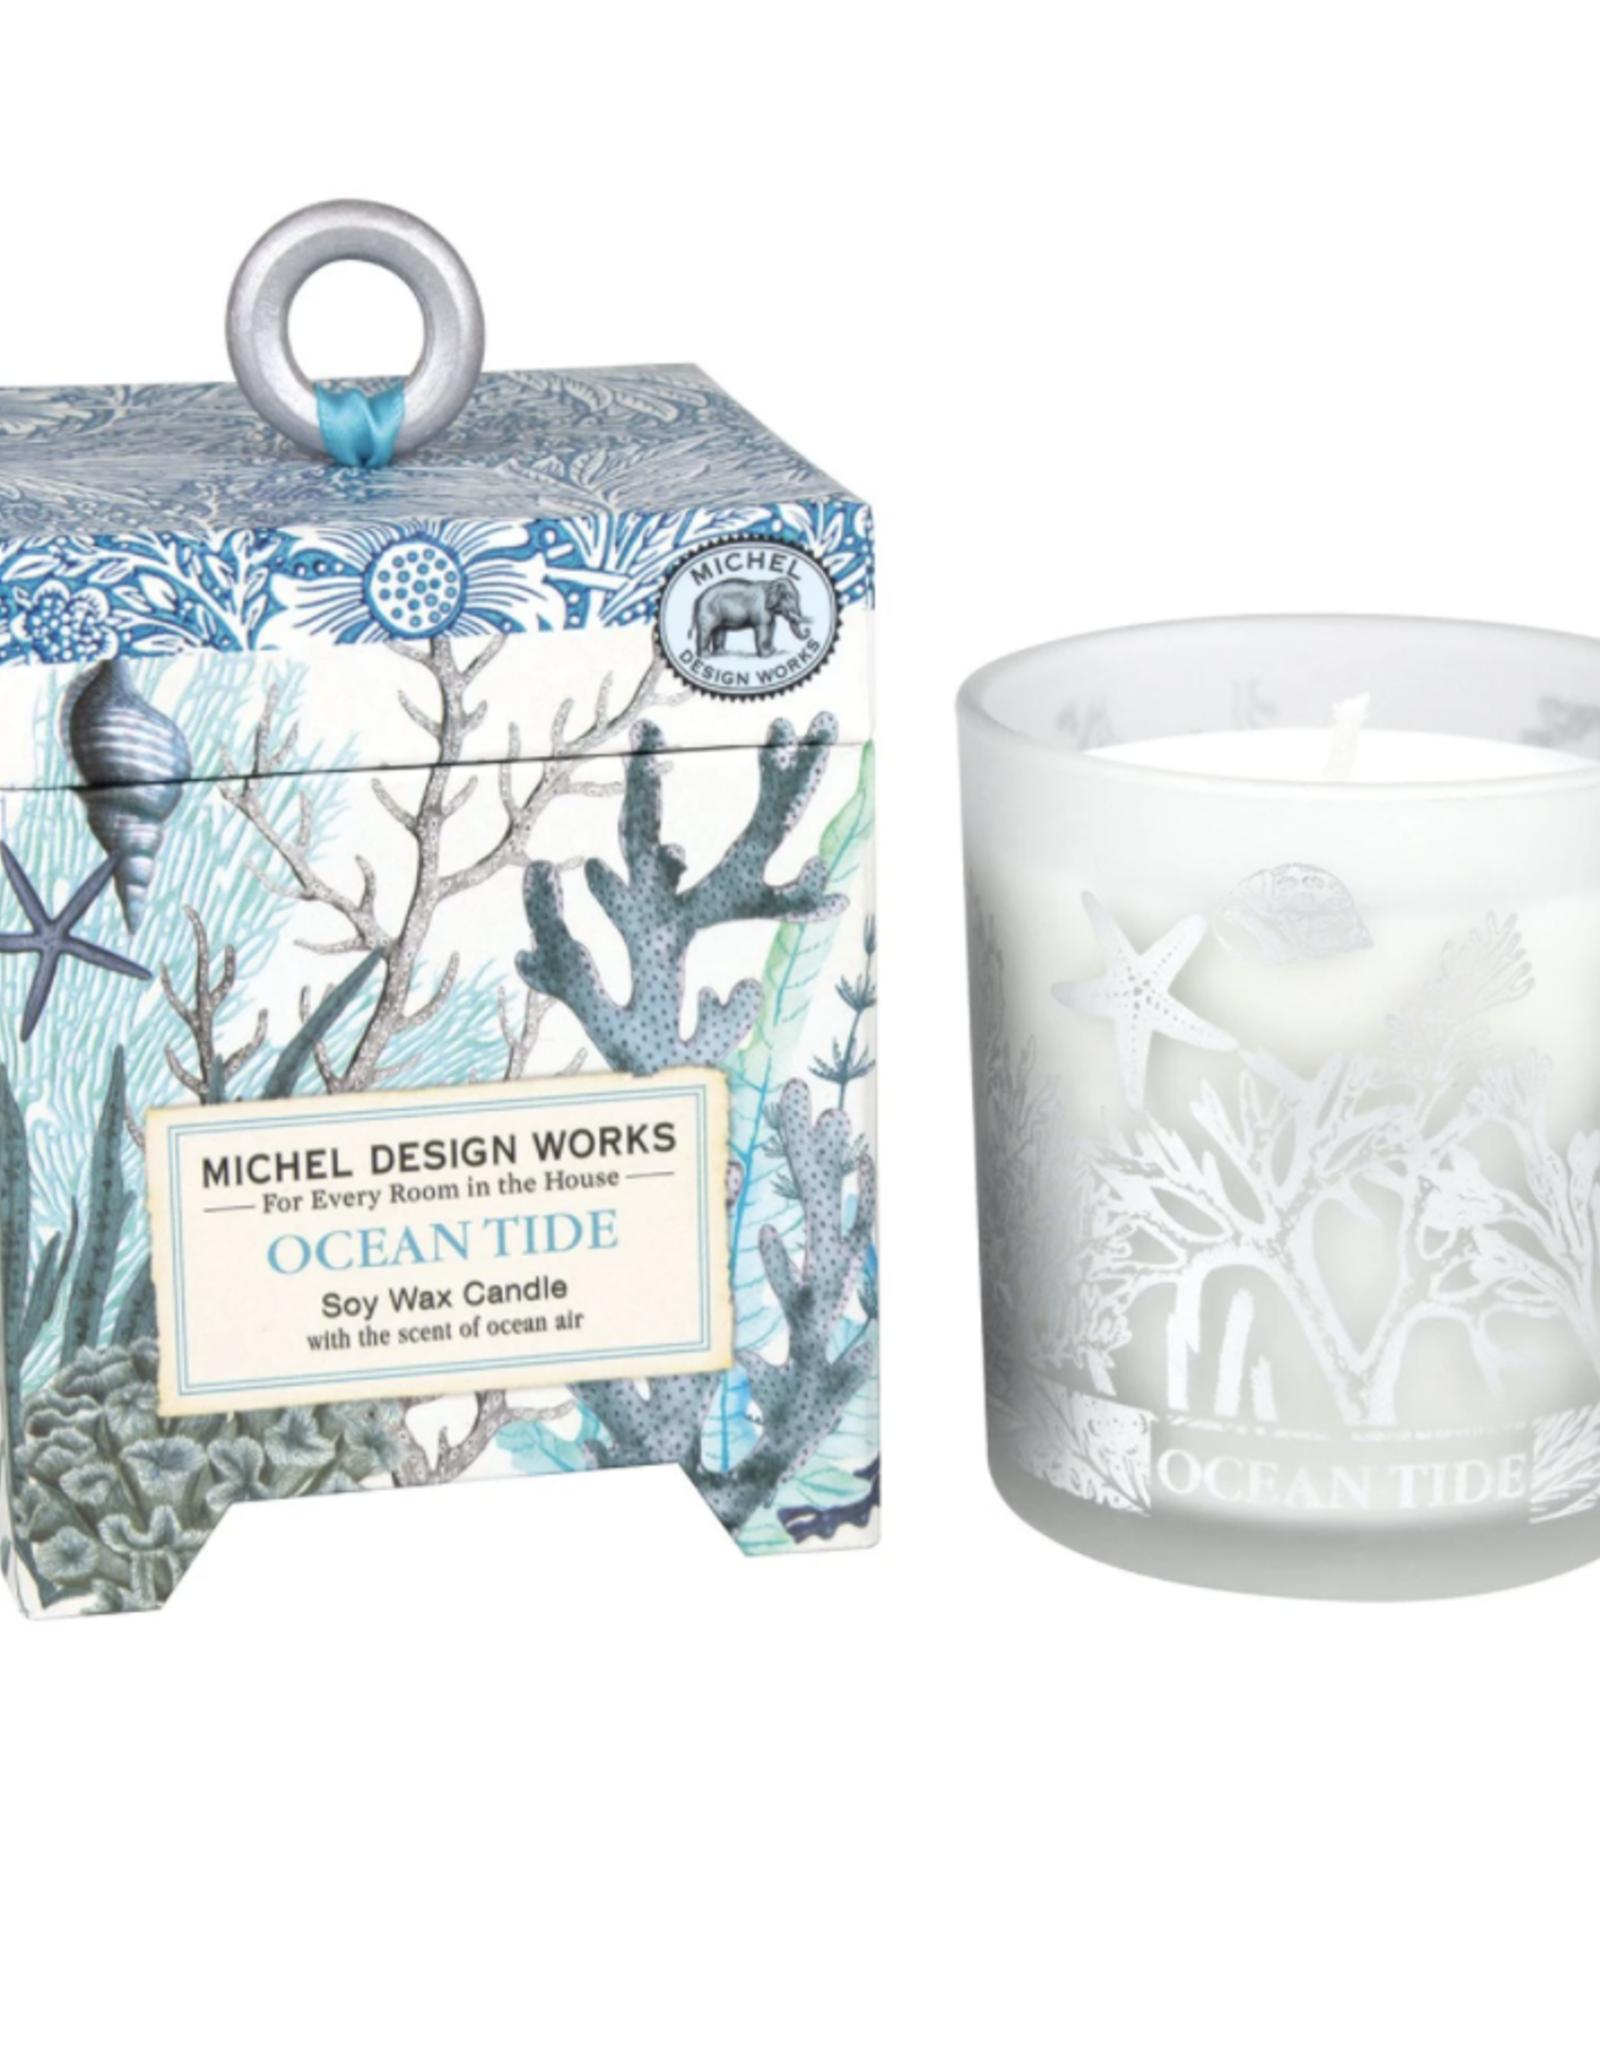 Michel Design Works Ocean Tide Soy Candle 6.5 oz.